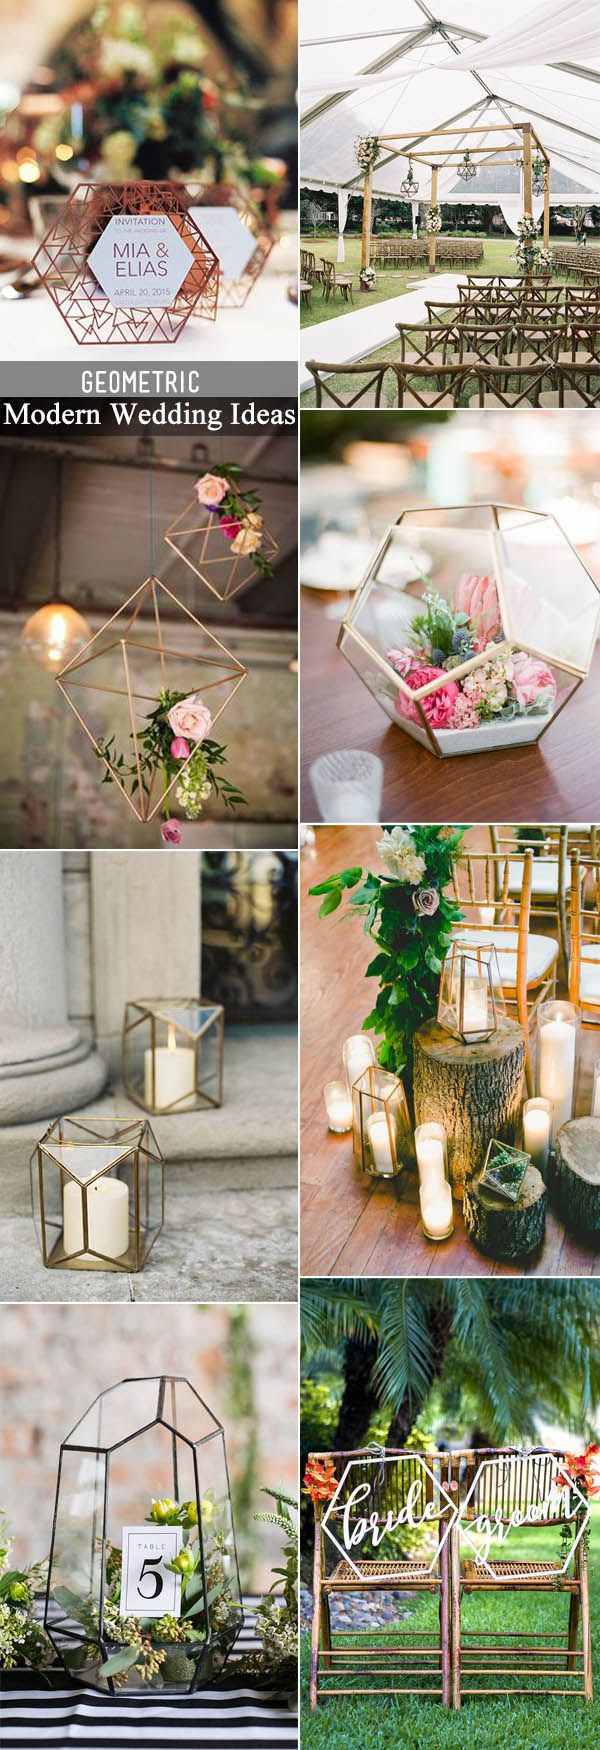 40 Stylish Modern Wedding Ideas You Will Love Weddings